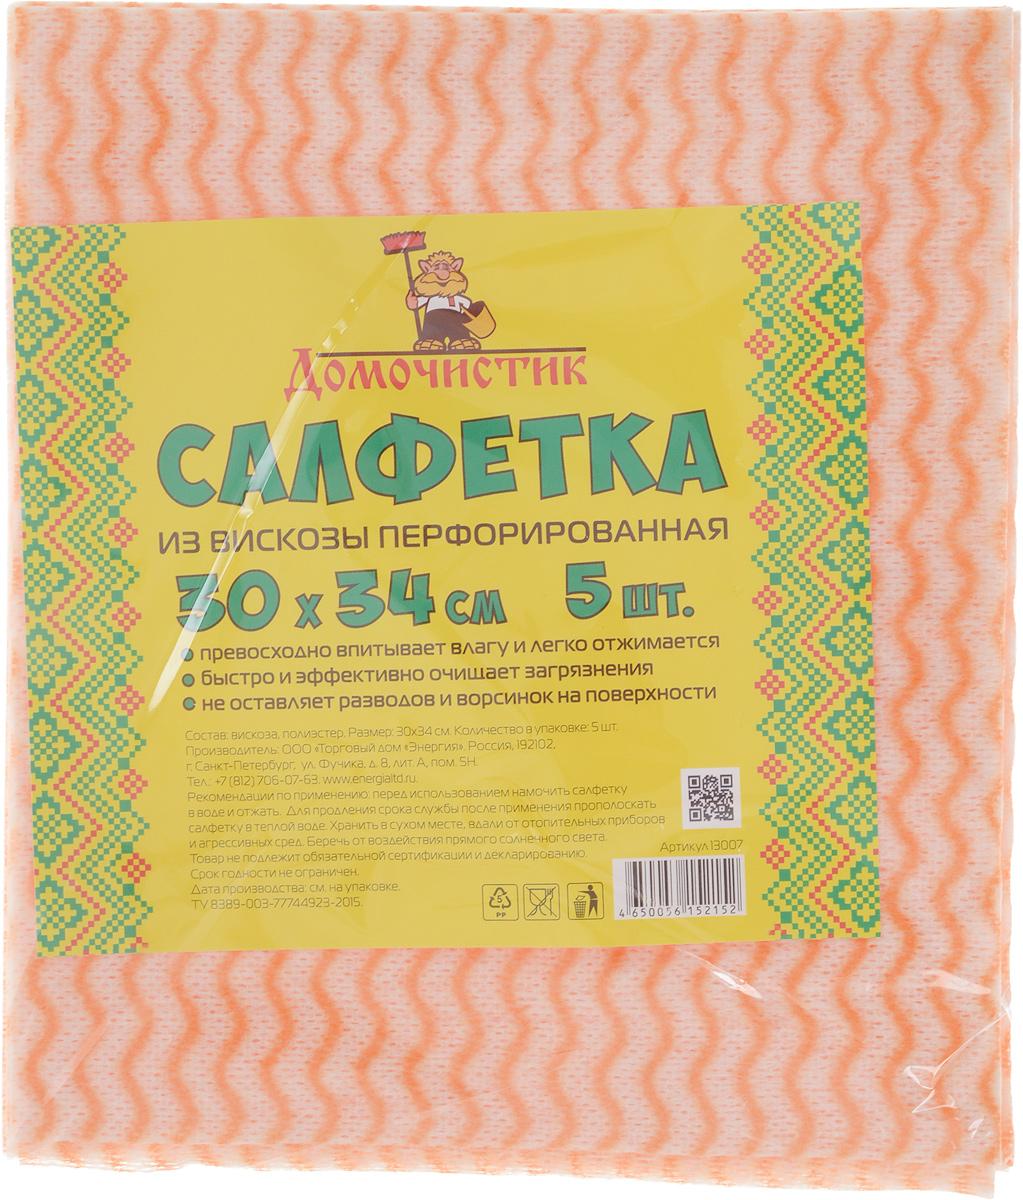 Салфетка для уборки Домочистик из вискозы, перфорированная, цвет: оранжевый, белый, 30 x 34 см, 5 шт13007_оранжевыйПерфорированные салфетки для уборки Домочистик выполнены из вискозы, превосходно впитывают влагу и легко отжимаются. Быстро и эффективно очищают загрязнения, не оставляют разводов. Рекомендации по применению:Перед использованием намочить салфетку в воде и отжать.Для продления срока службы после применения прополоскать в теплой воде.Хранить в сухом месте, вдали от отопительных приборов и агрессивных сред.